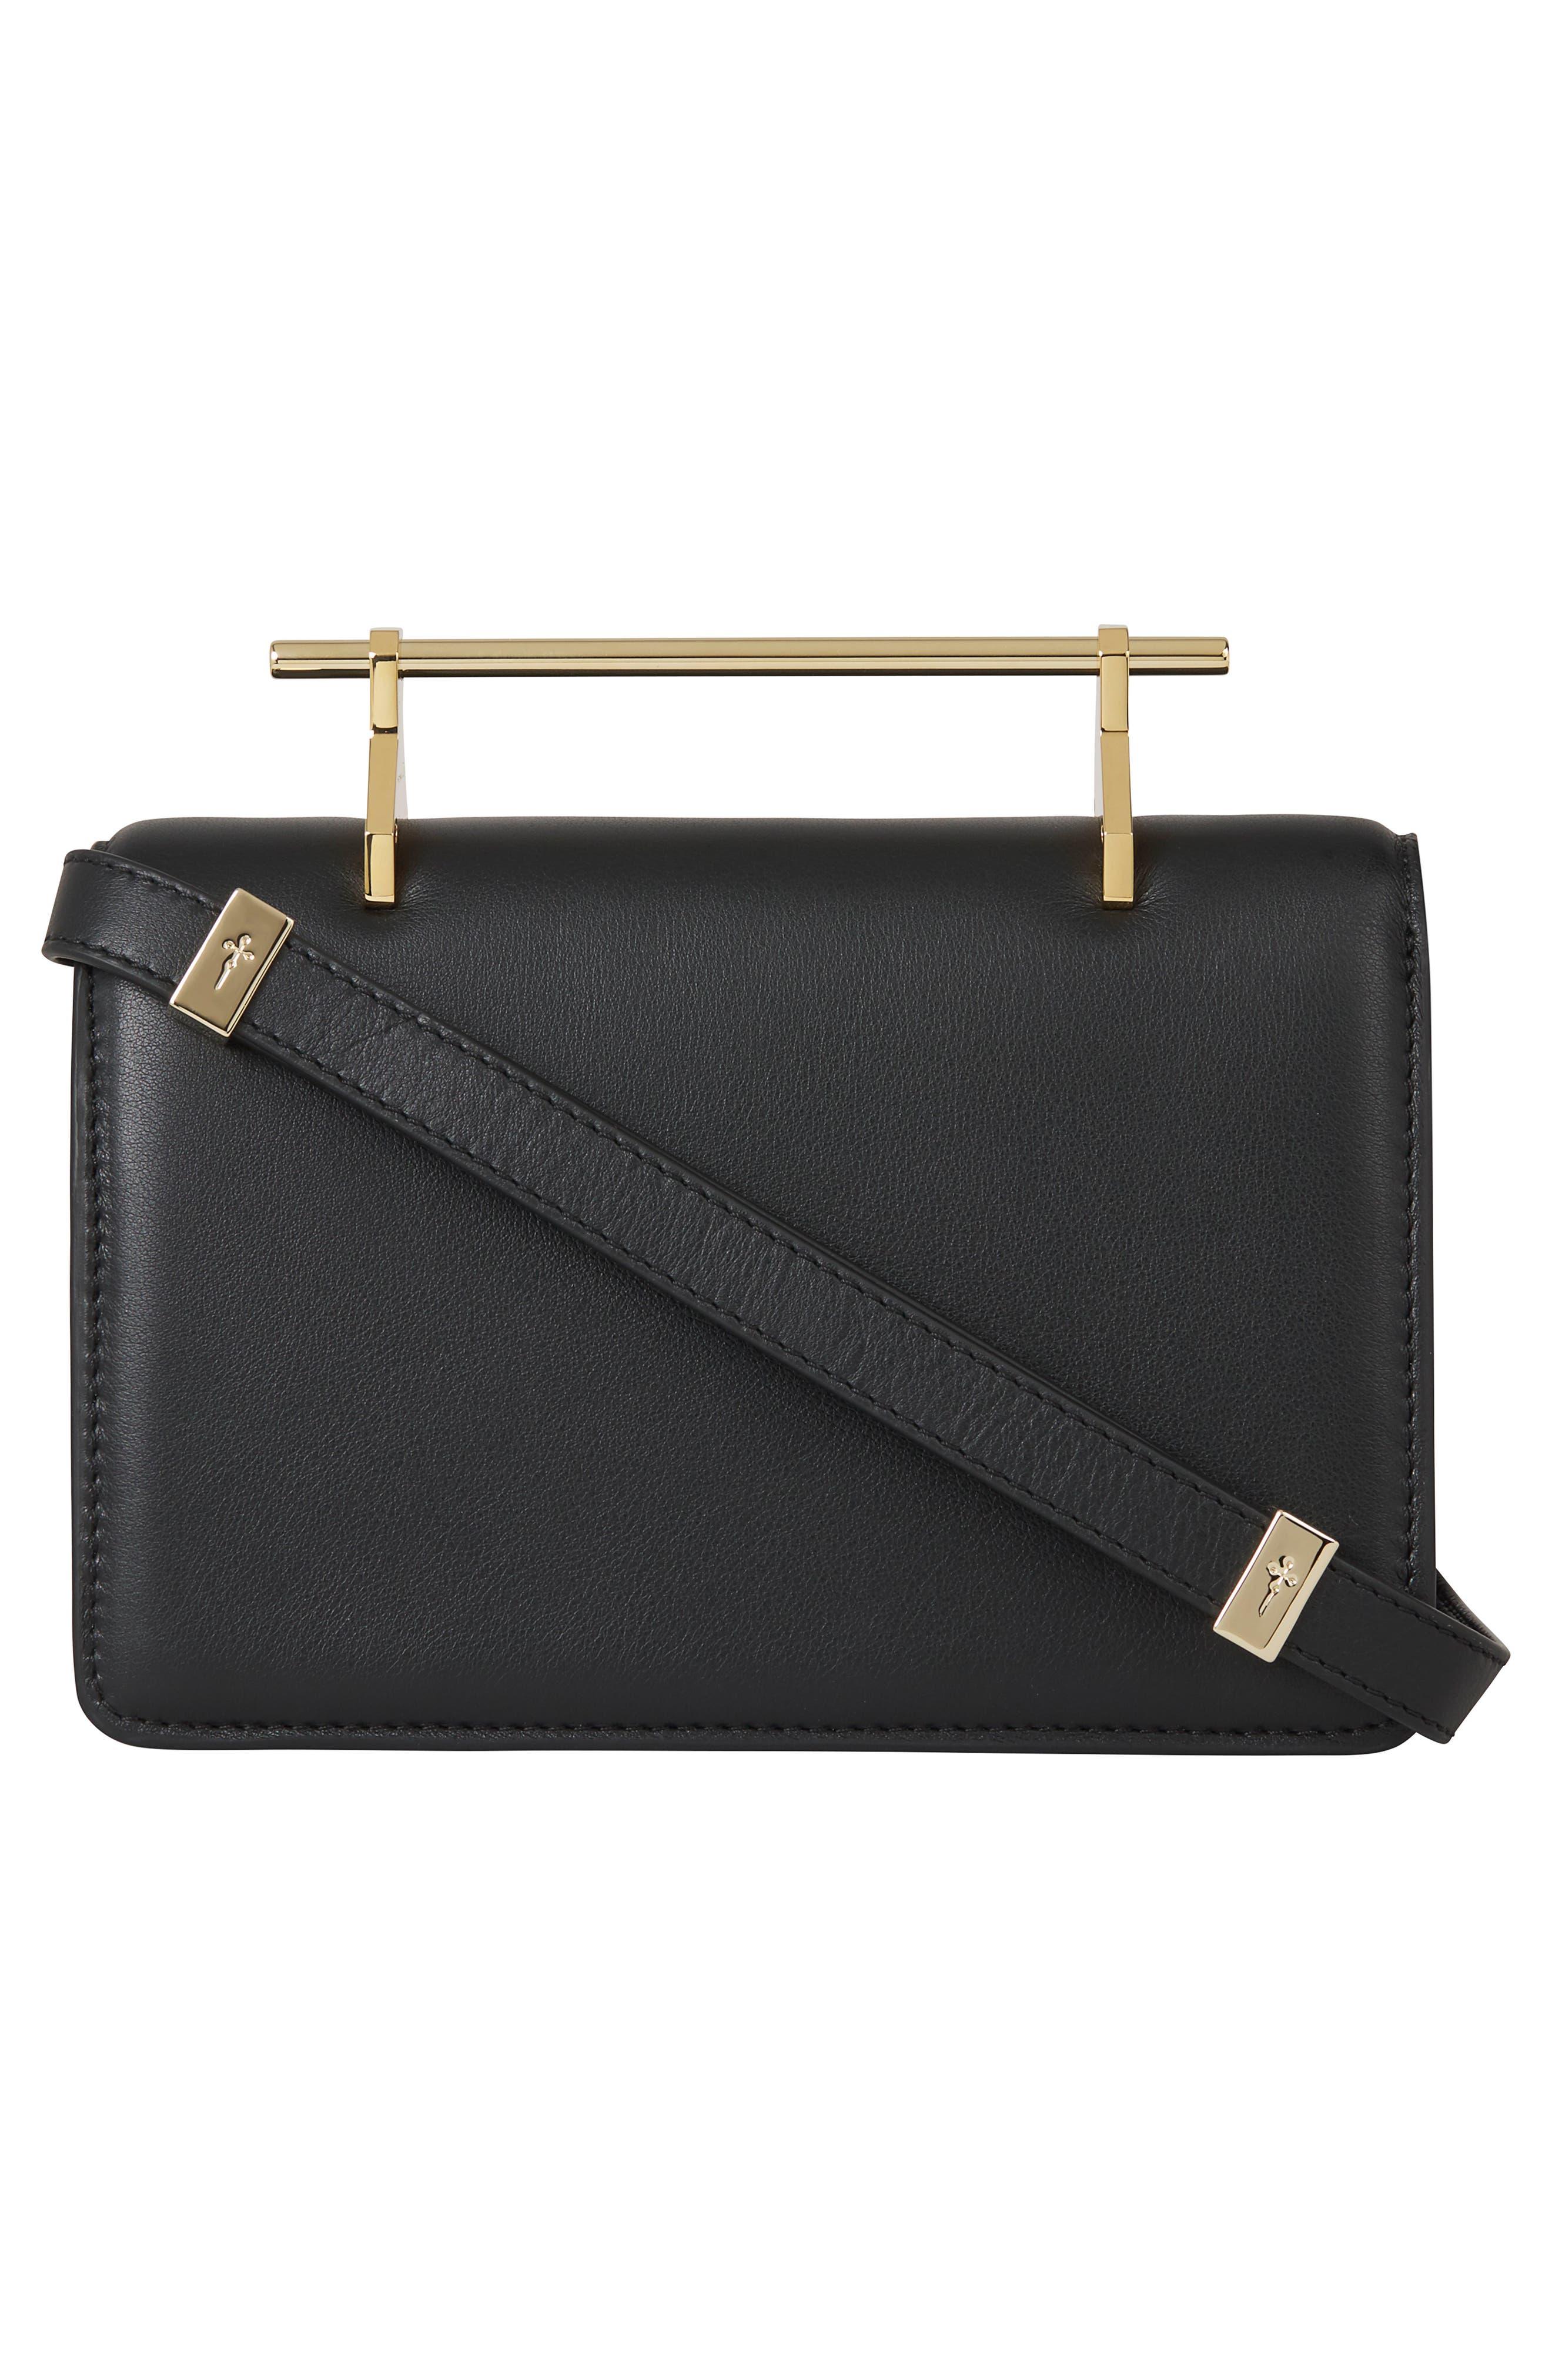 Indre Leather Shoulder Bag,                             Alternate thumbnail 2, color,                             Black/ Gold